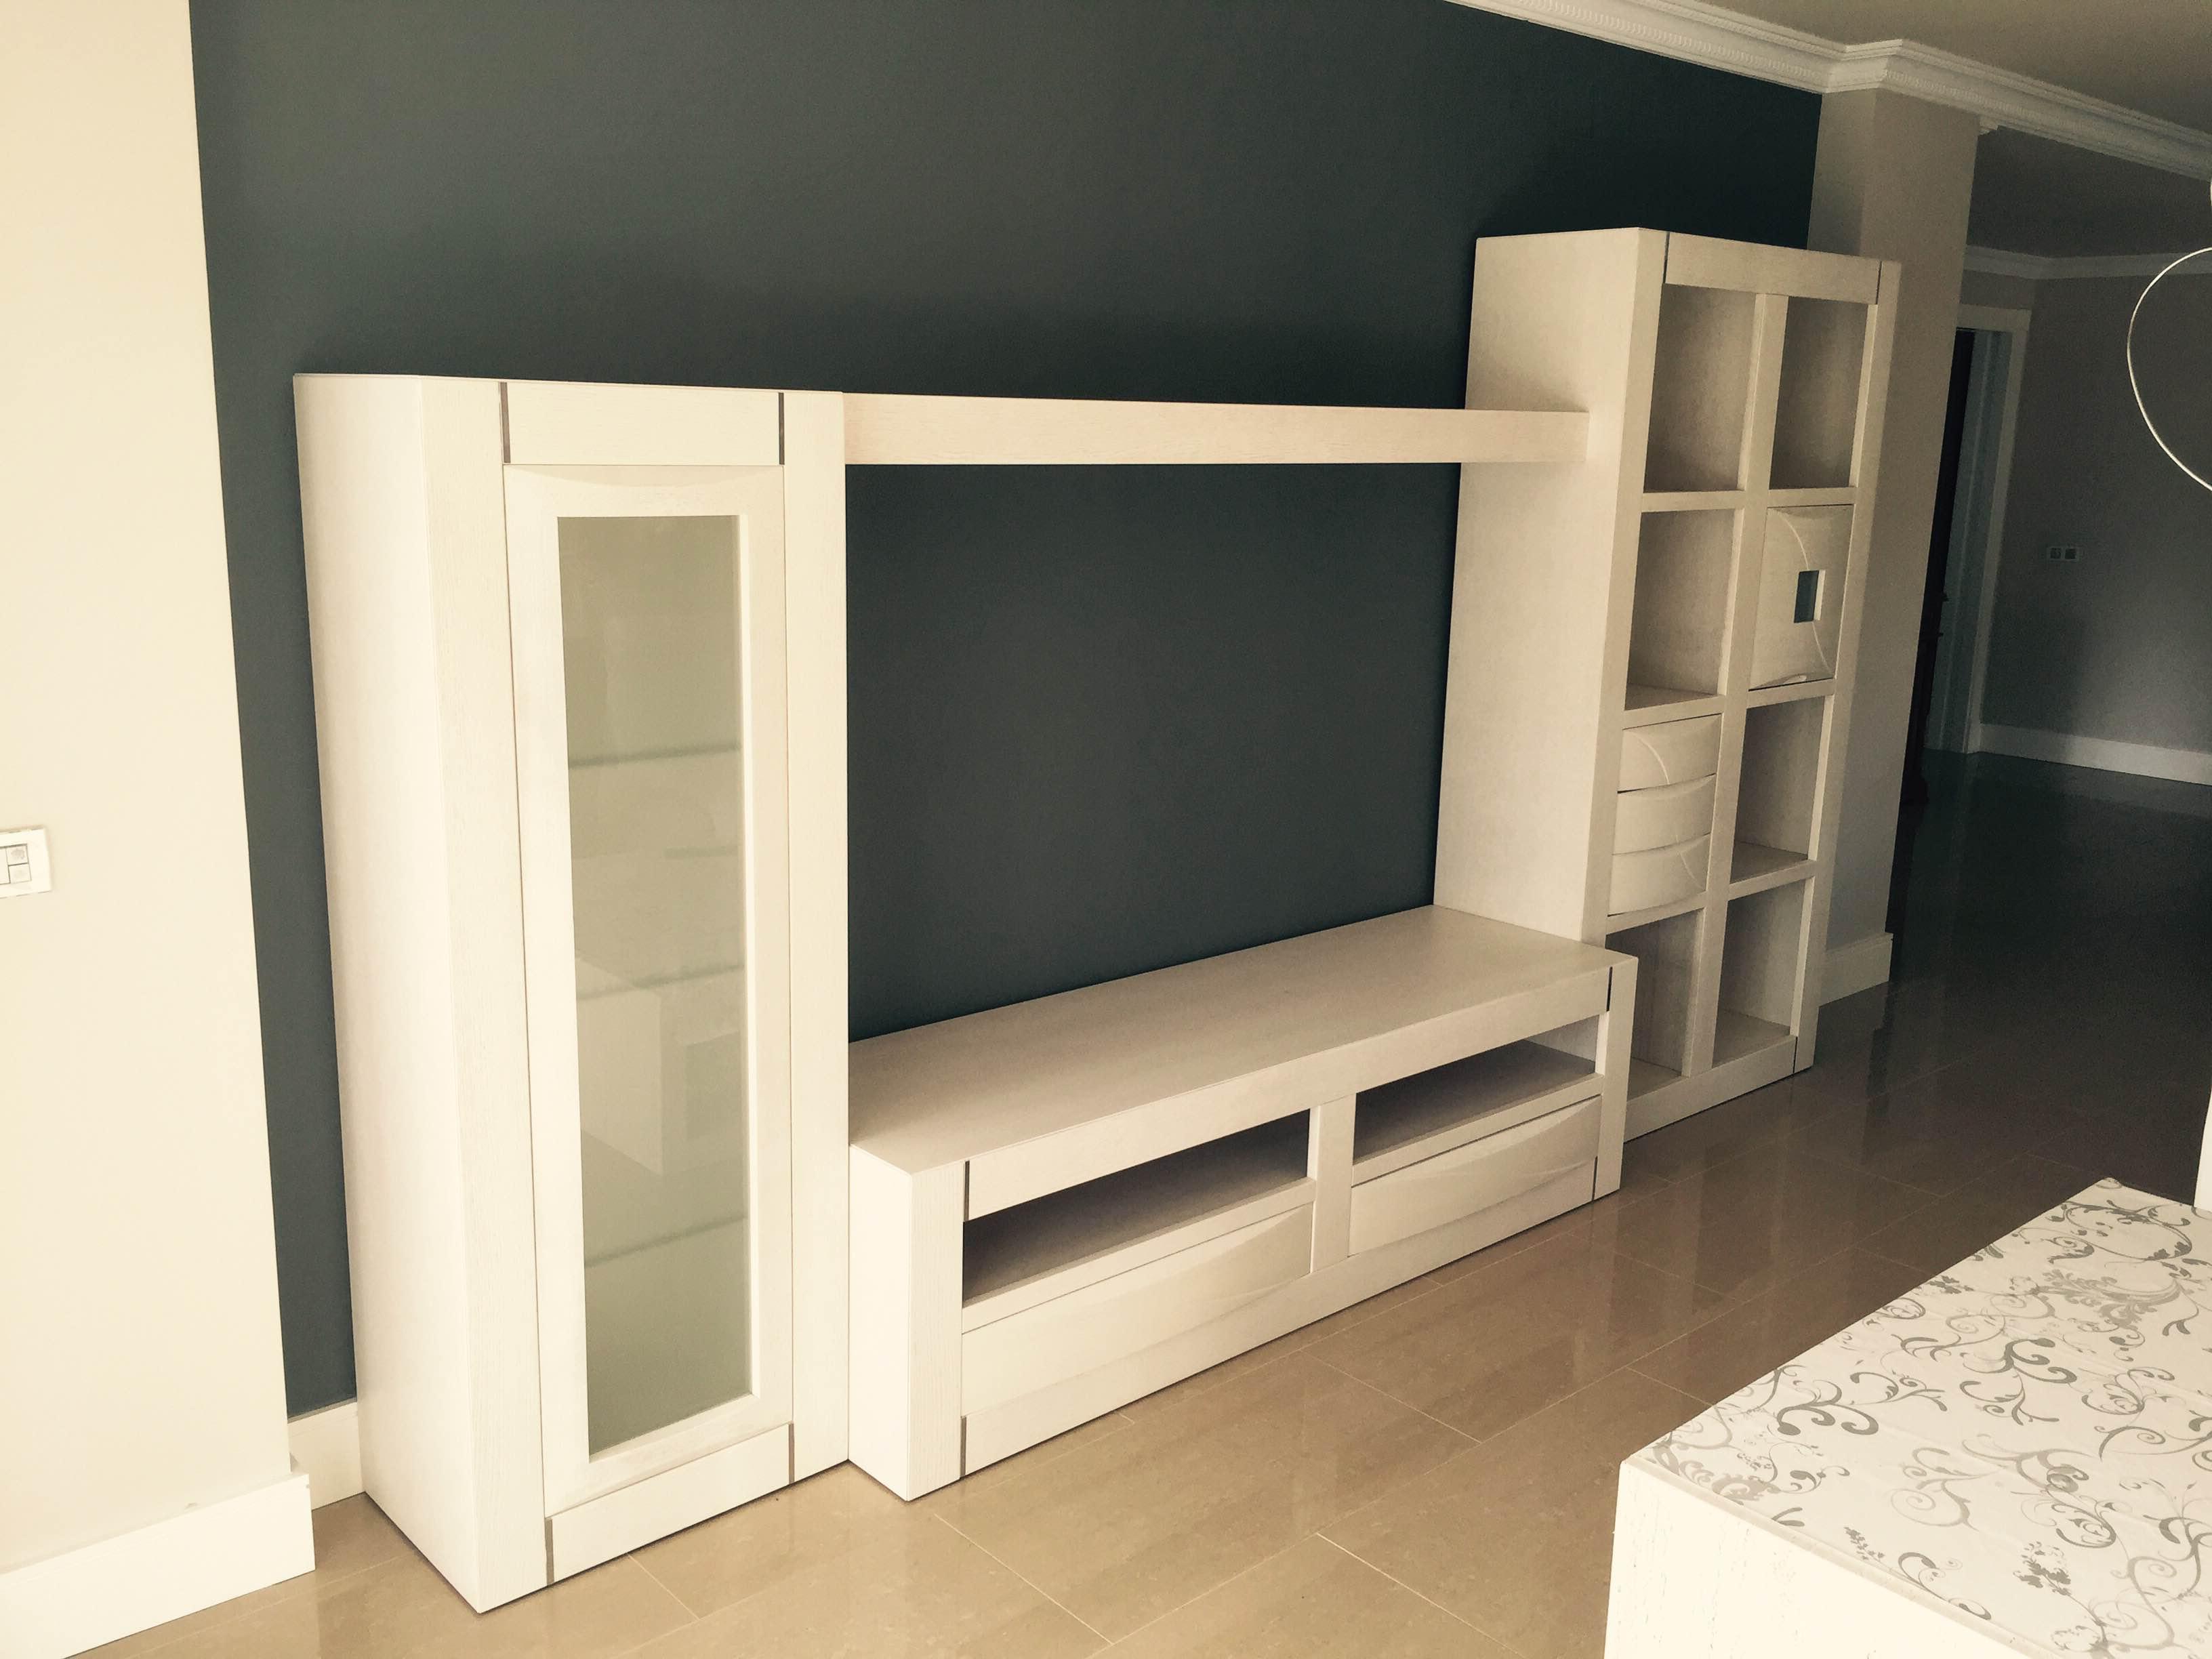 Muebles Salon Blanco Y Madera Ipdd Salones P Laminada En Roble Natural Y Frentes De Madera Maciza De